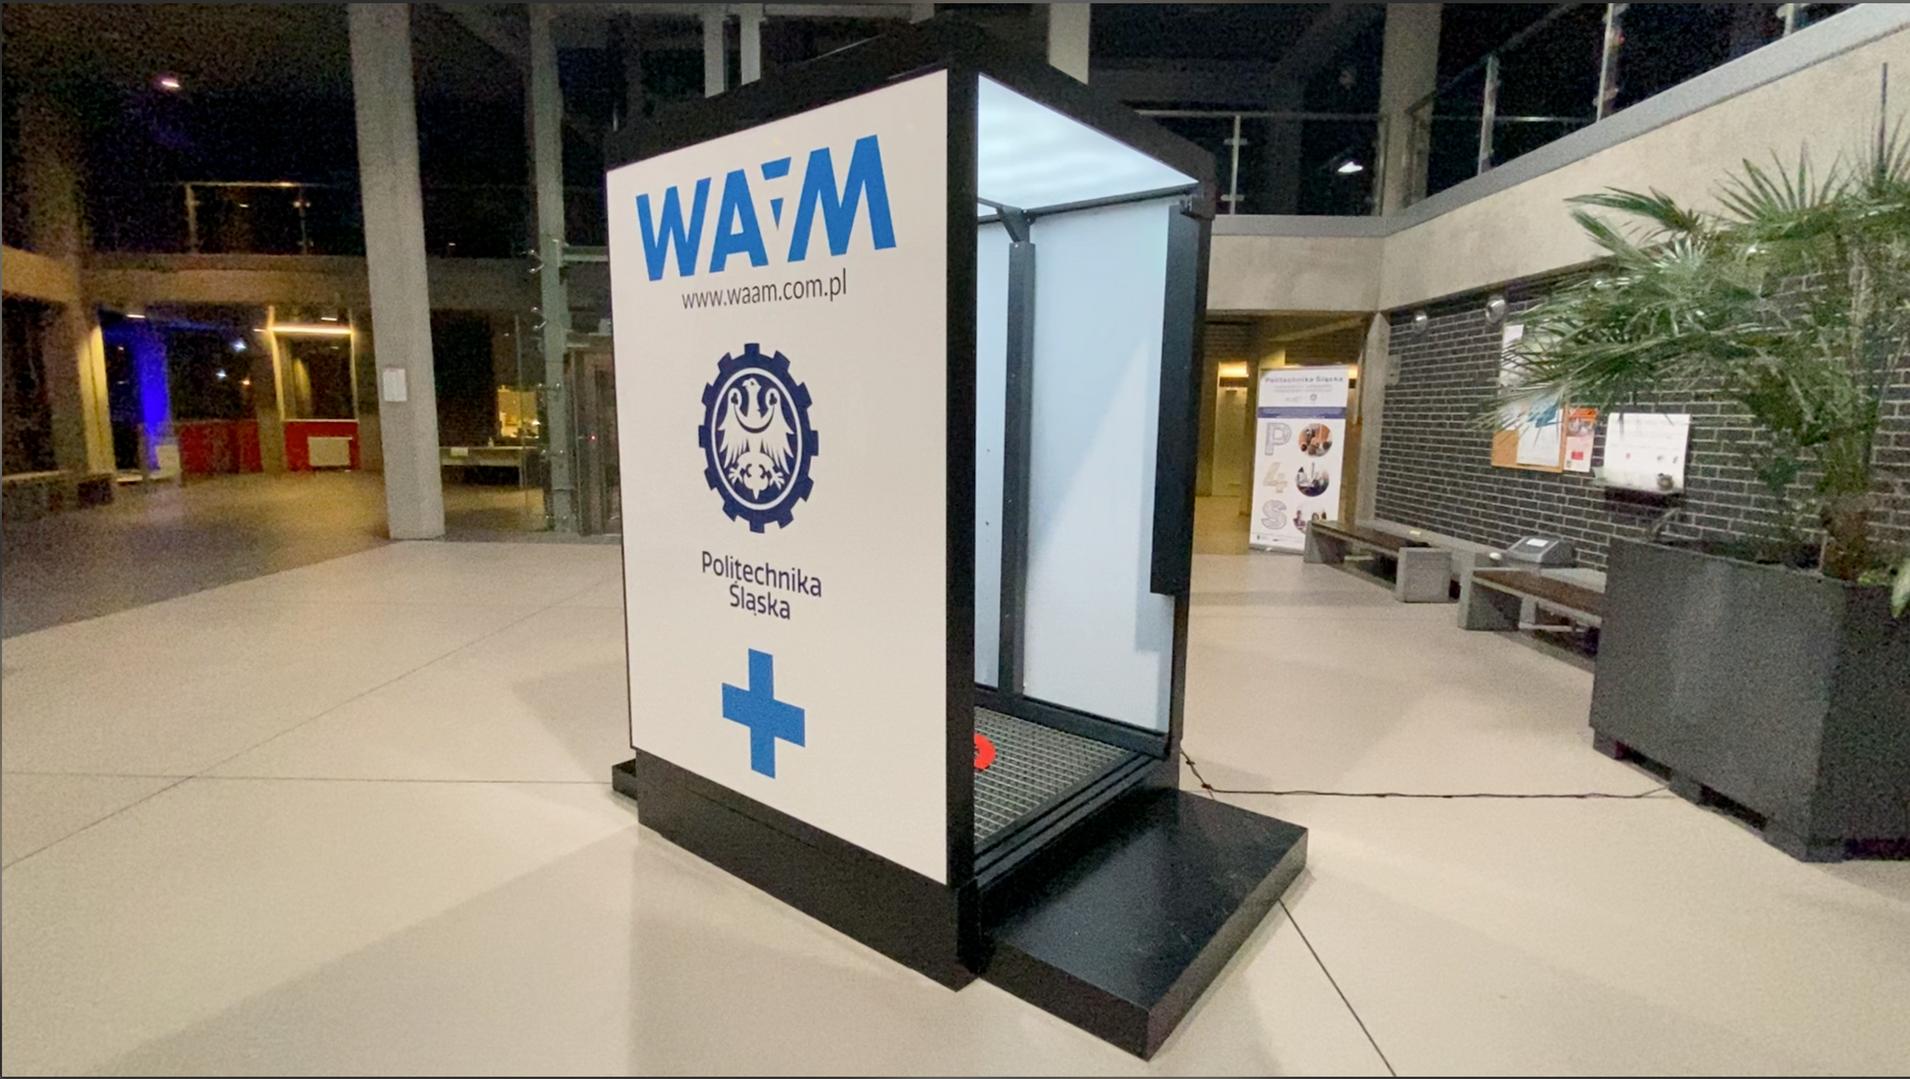 waam_gate_1.png